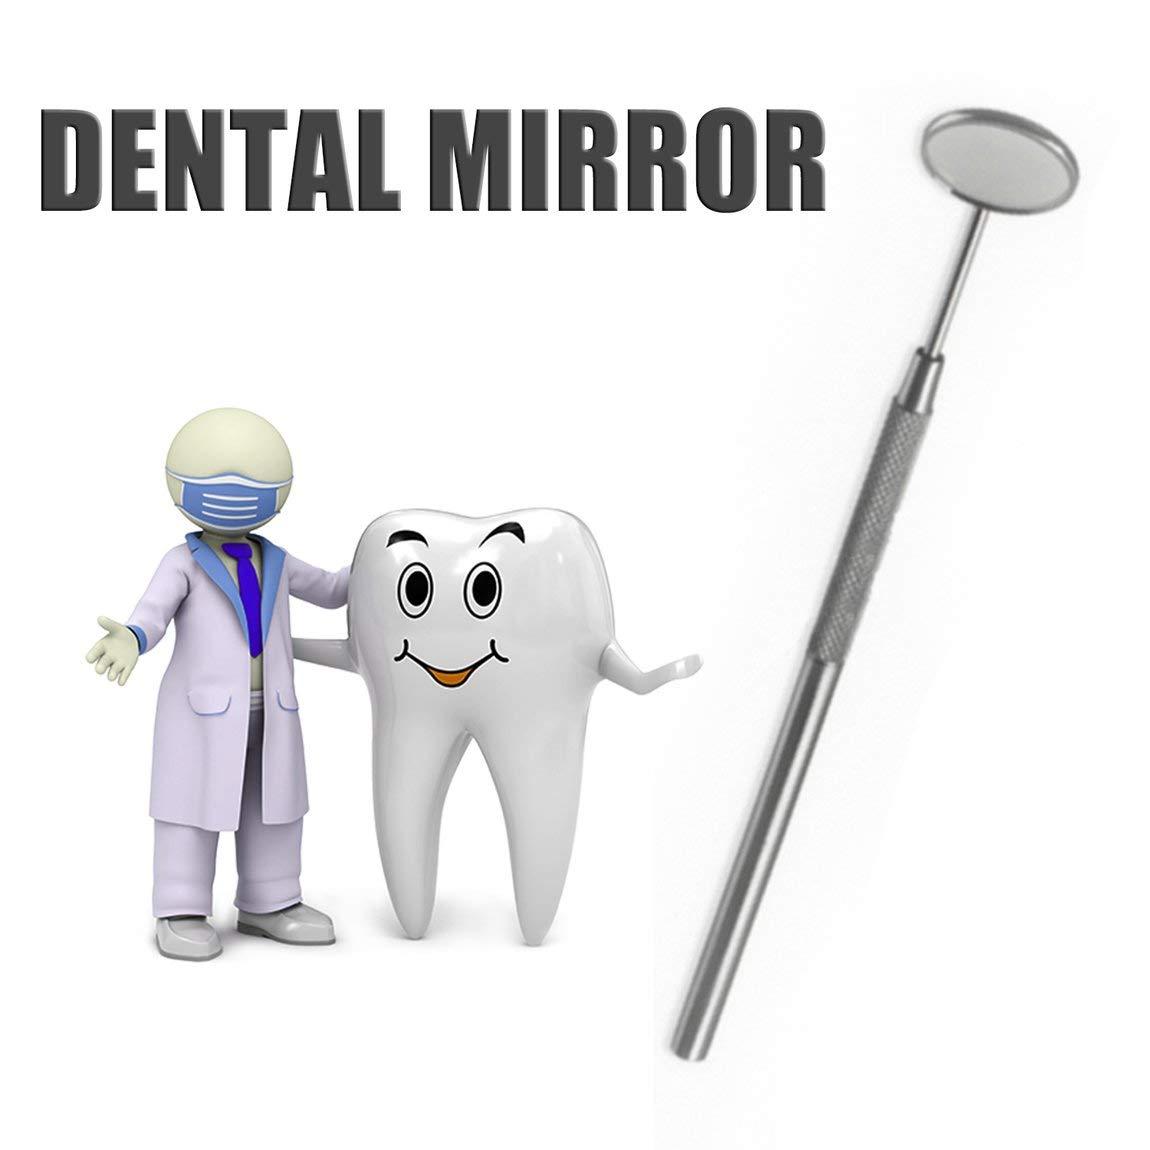 Colore: Argento 73JohnPol Specchietto Dentale in Acciaio Inossidabile per Il Controllo dei Denti Pulizia dei Denti Pulizia del Dente Strumenti per la Cura della Salute